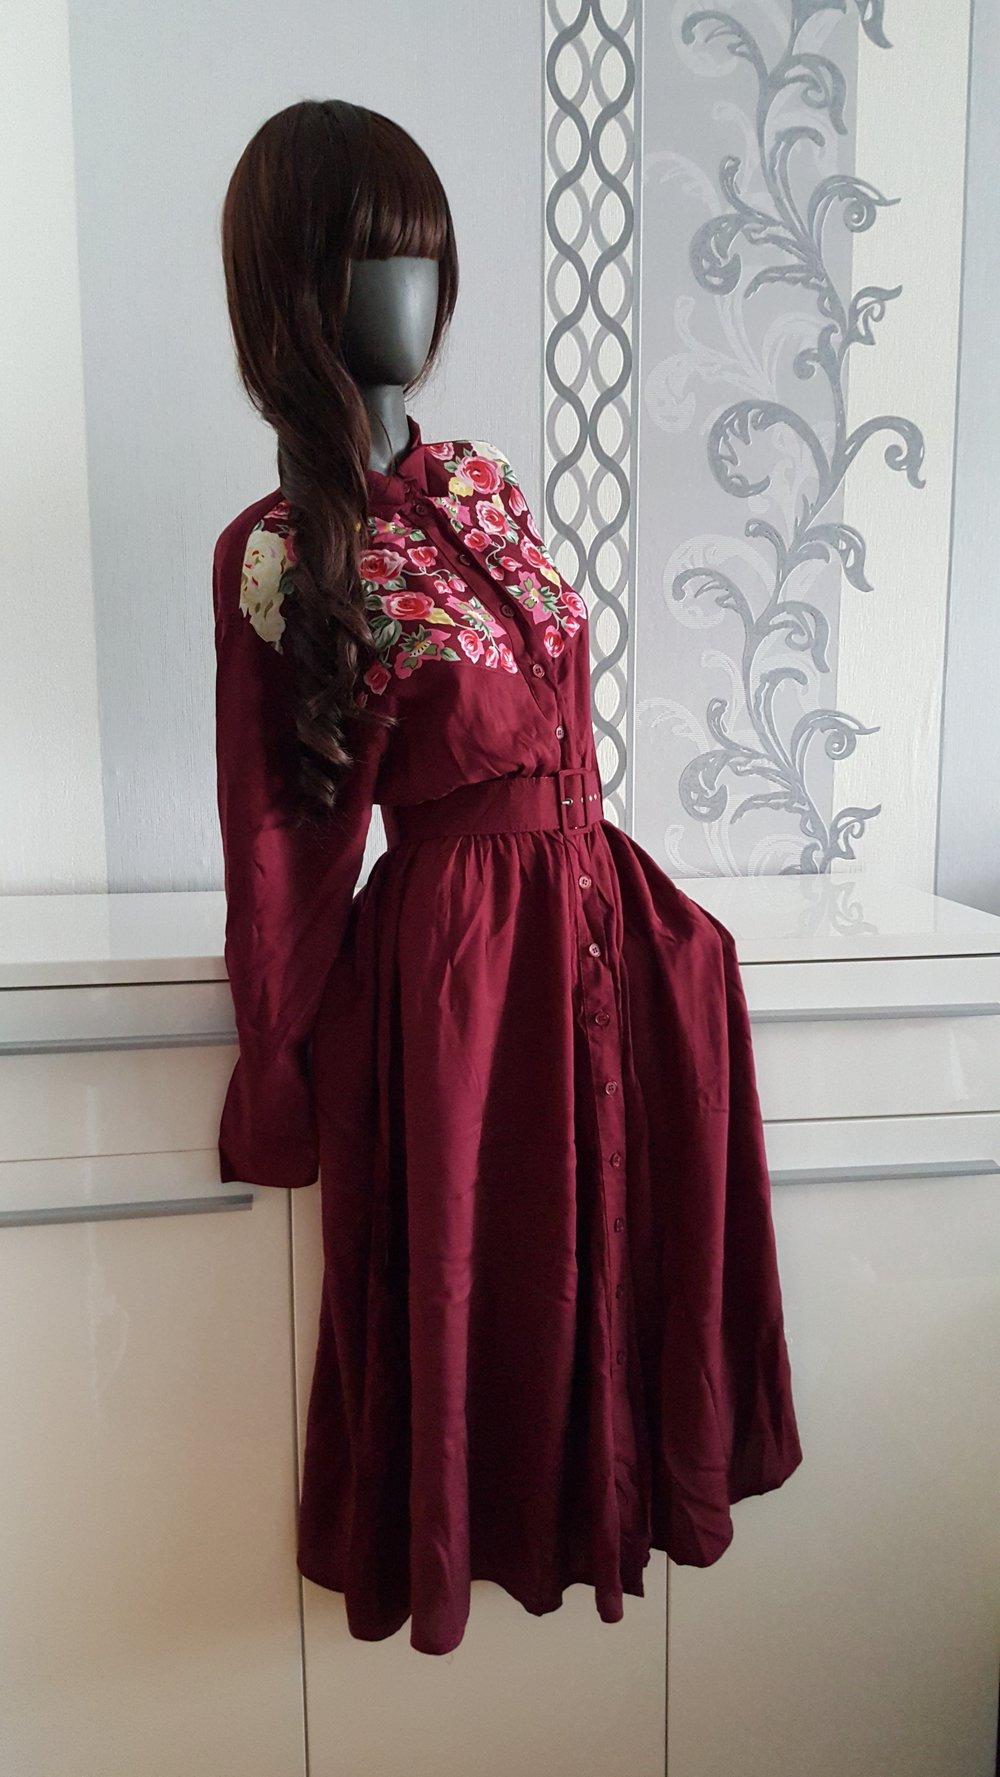 Gürtel Kleid 40 Vintage Nostalgie True L M Langes Weinrot Mit Blumen Rot zqpGMSUV